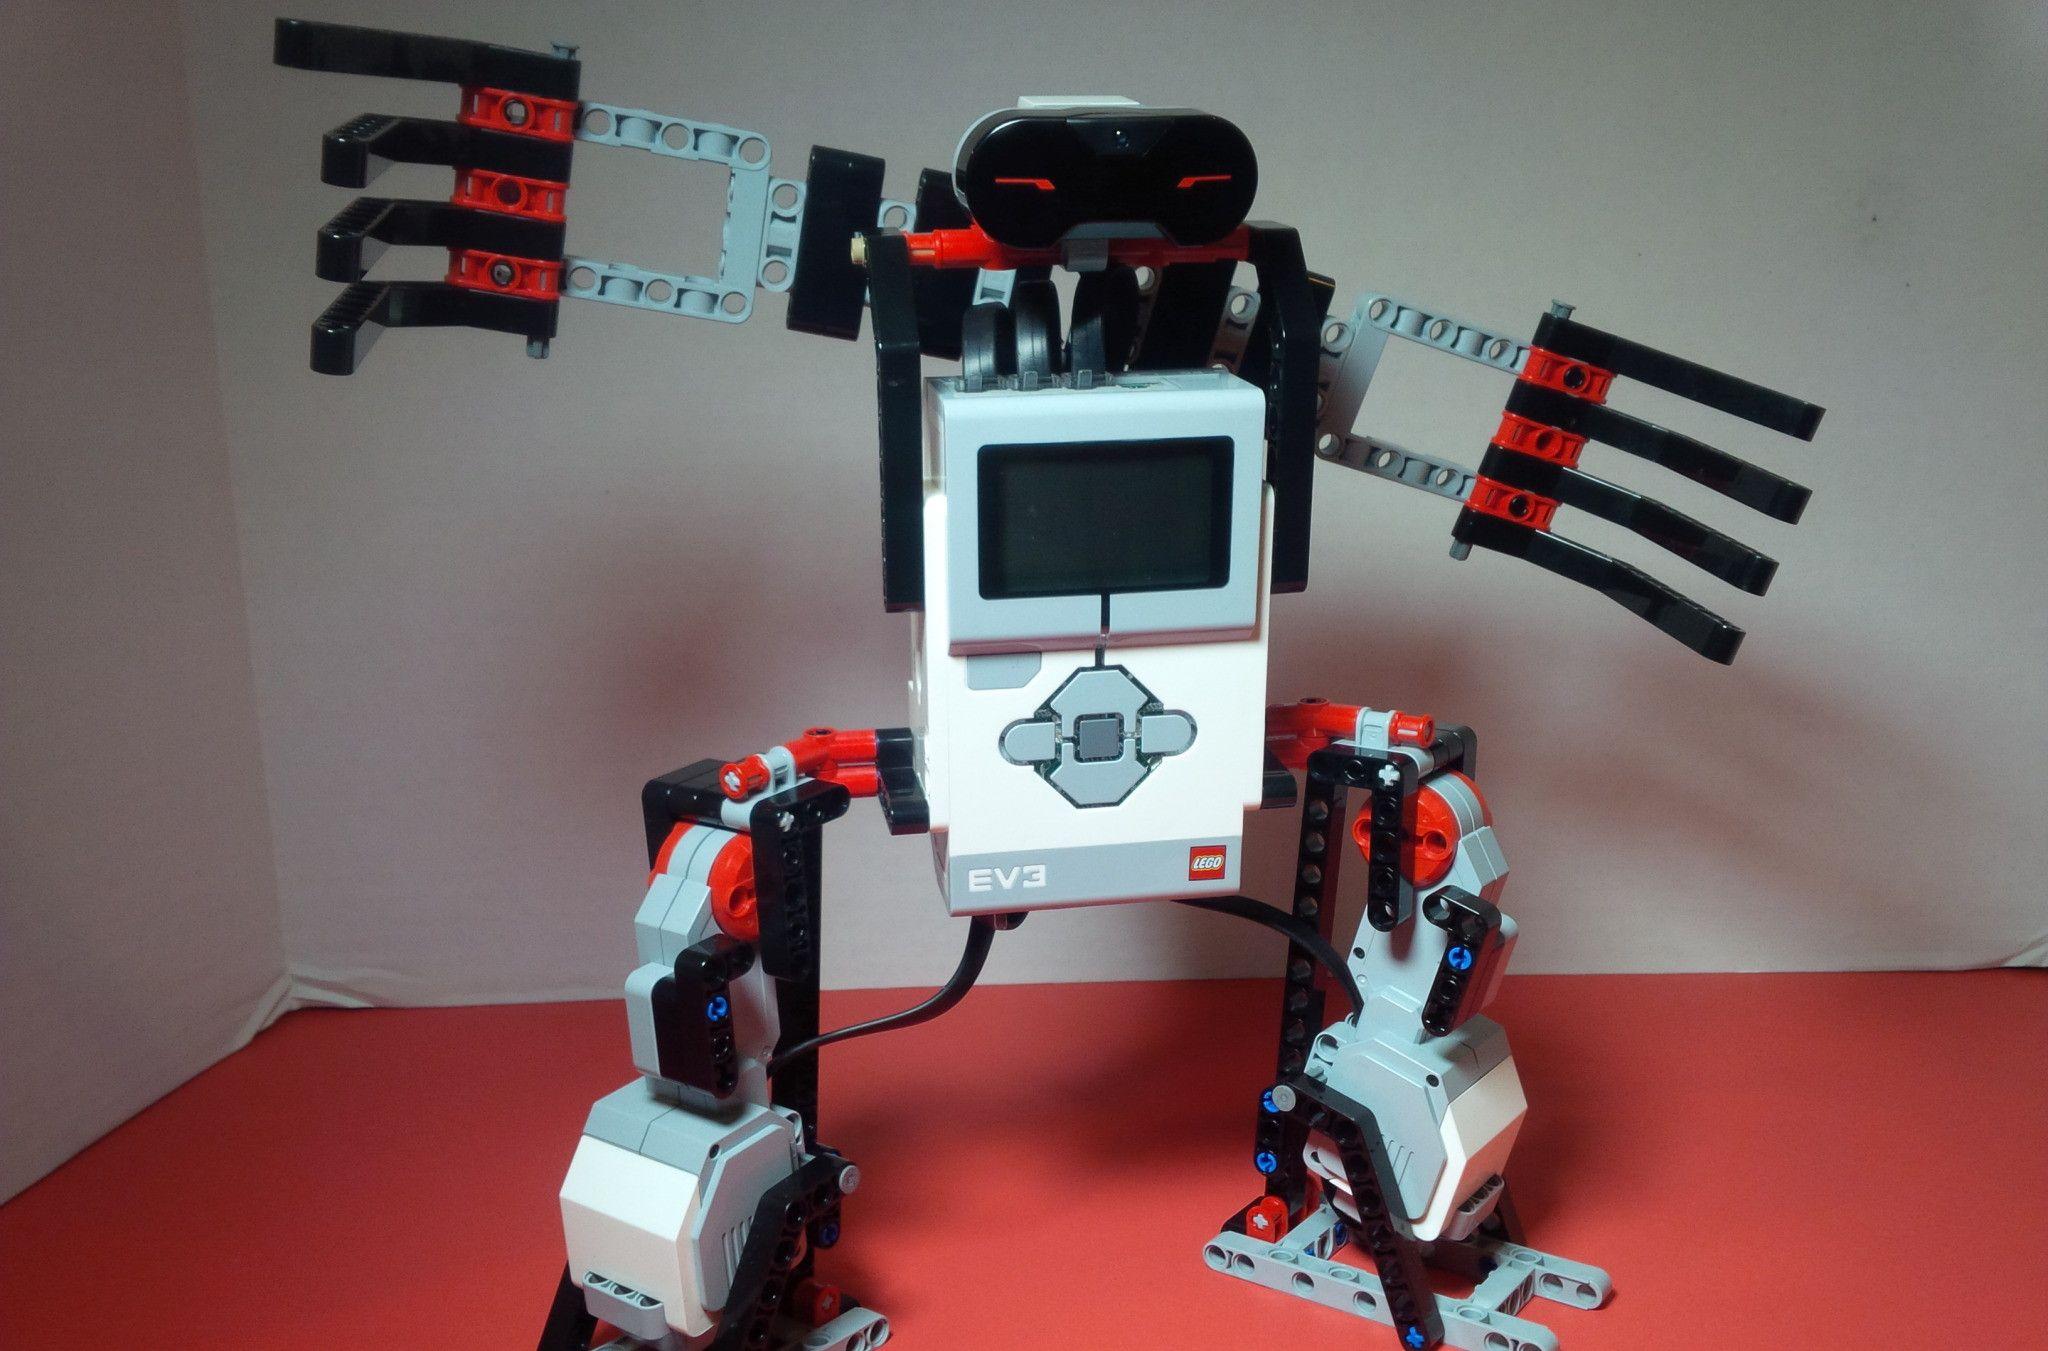 Lego Mindstorms Basketball Robot | Lego Mindstorms EV3